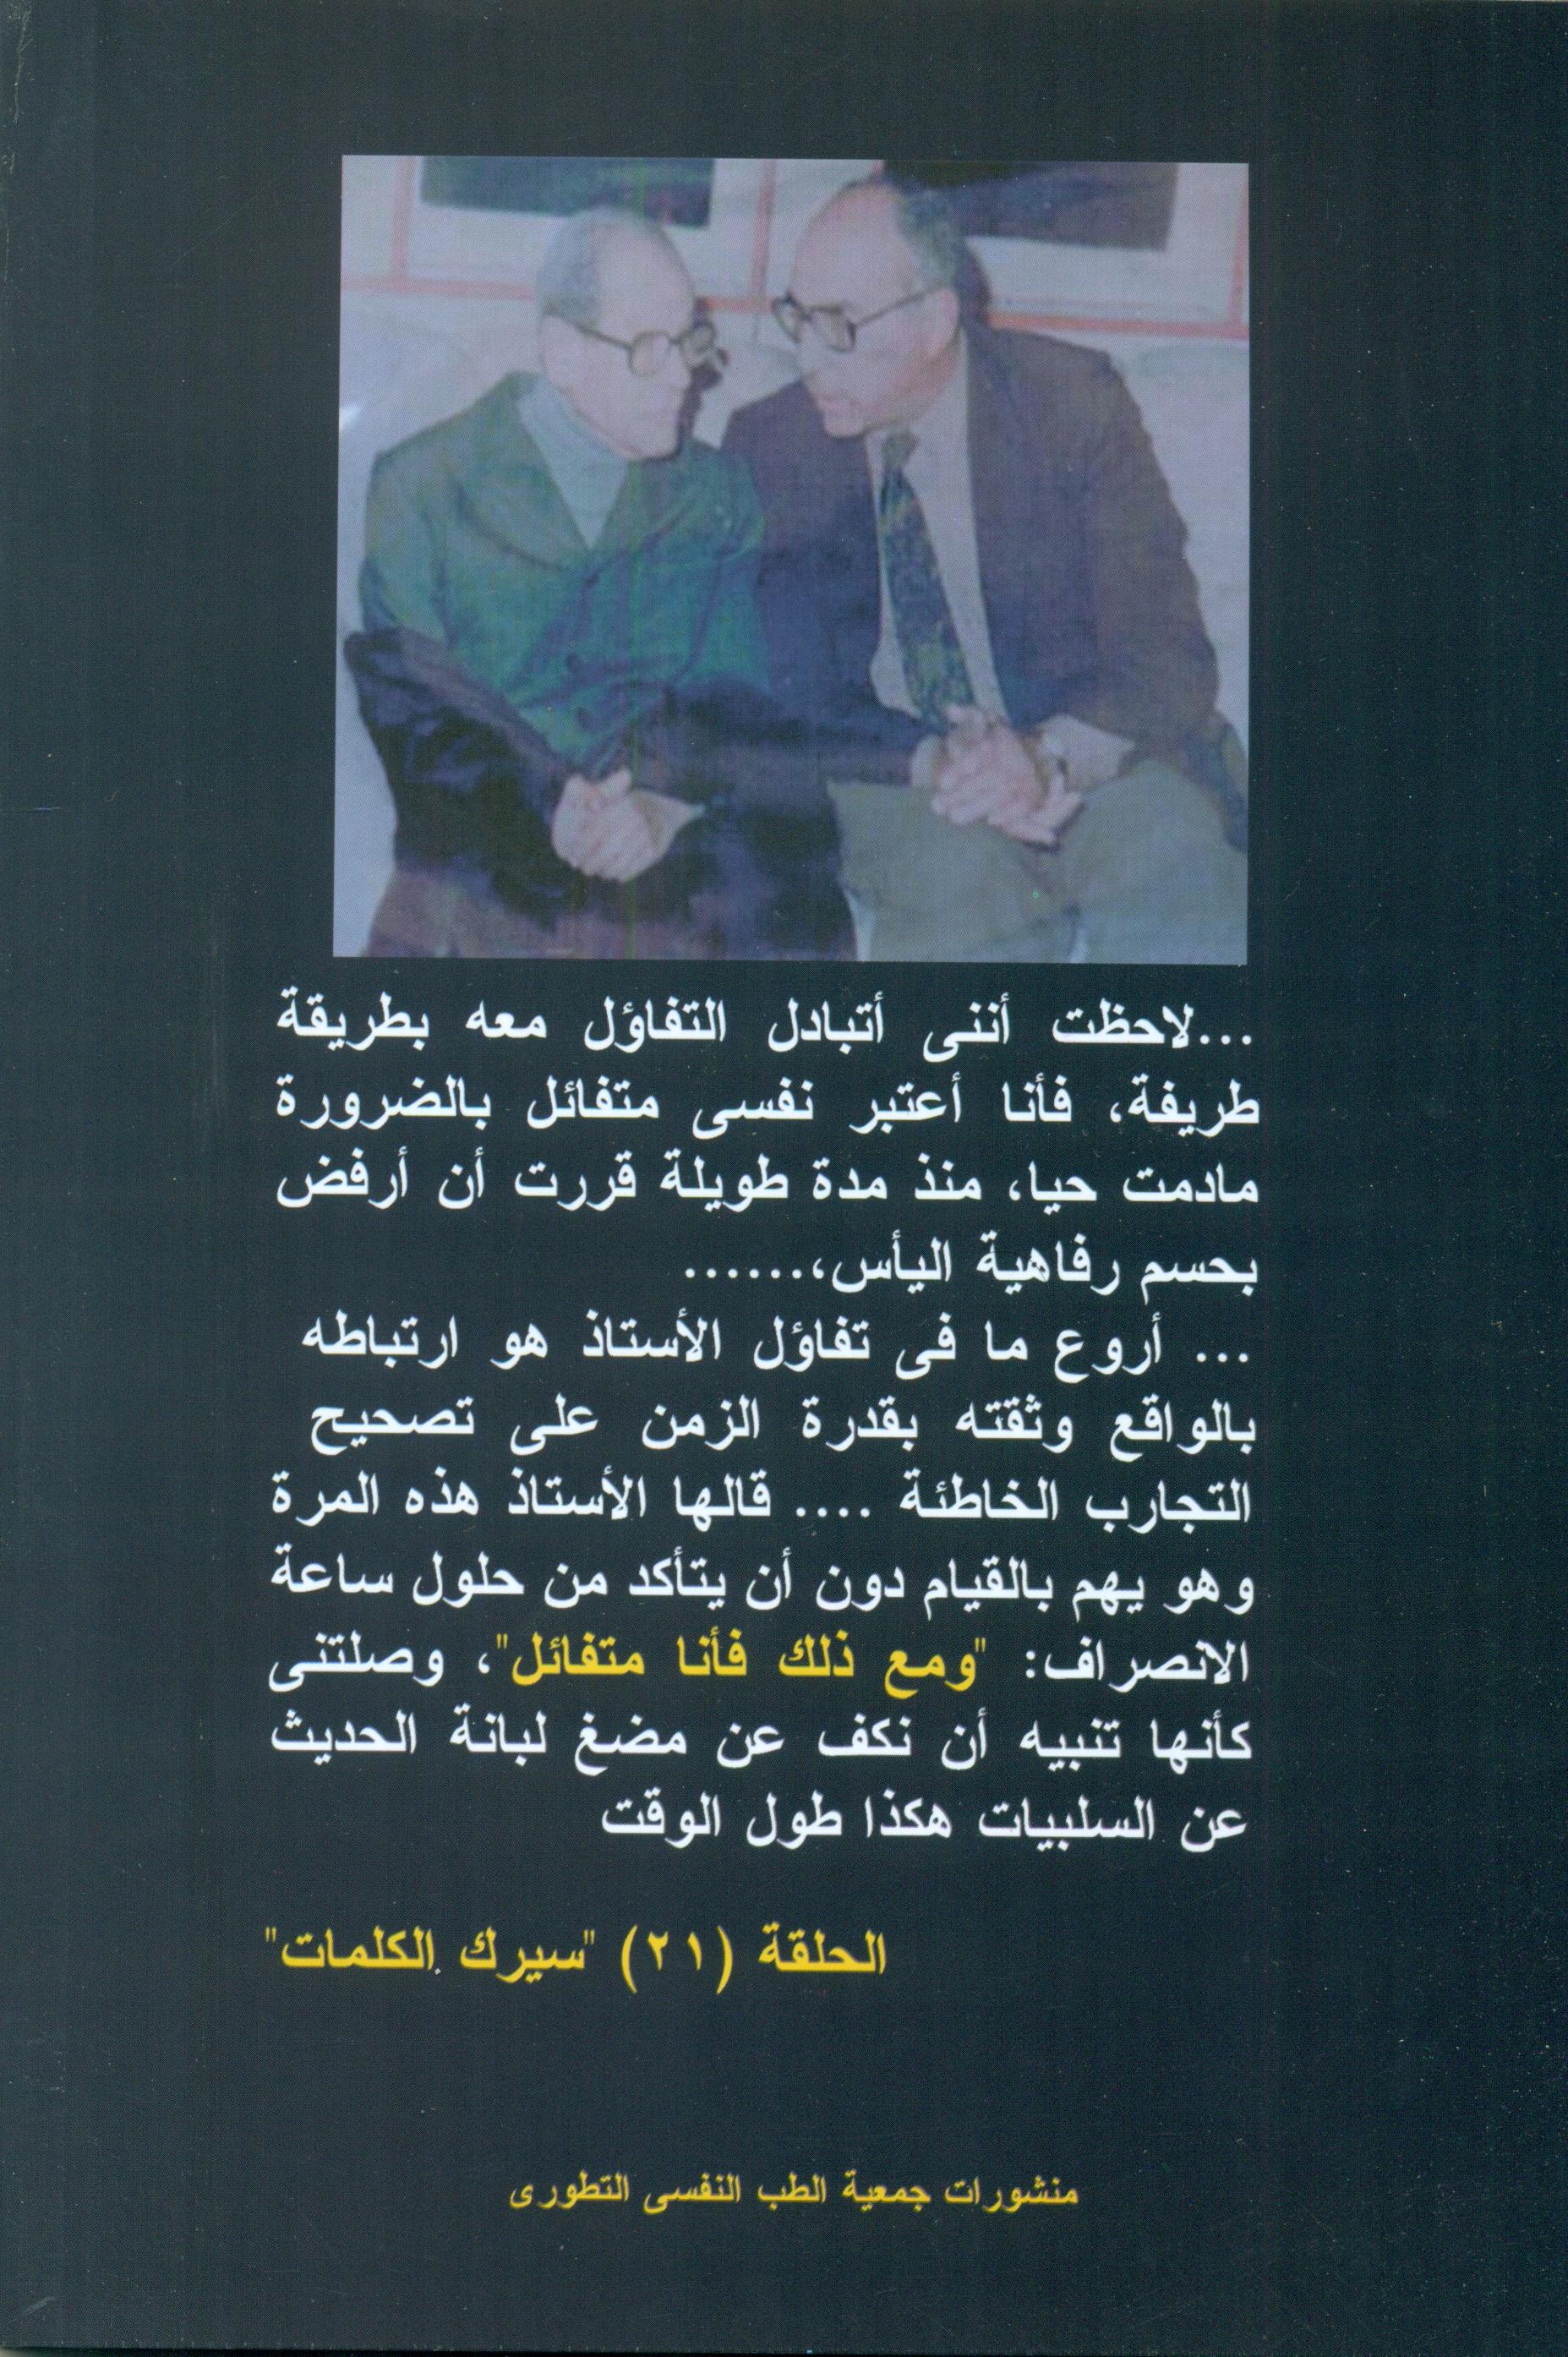 الكتاب الأول فى شرف صحبة نجيب محفوظ يحيى الرخاوى